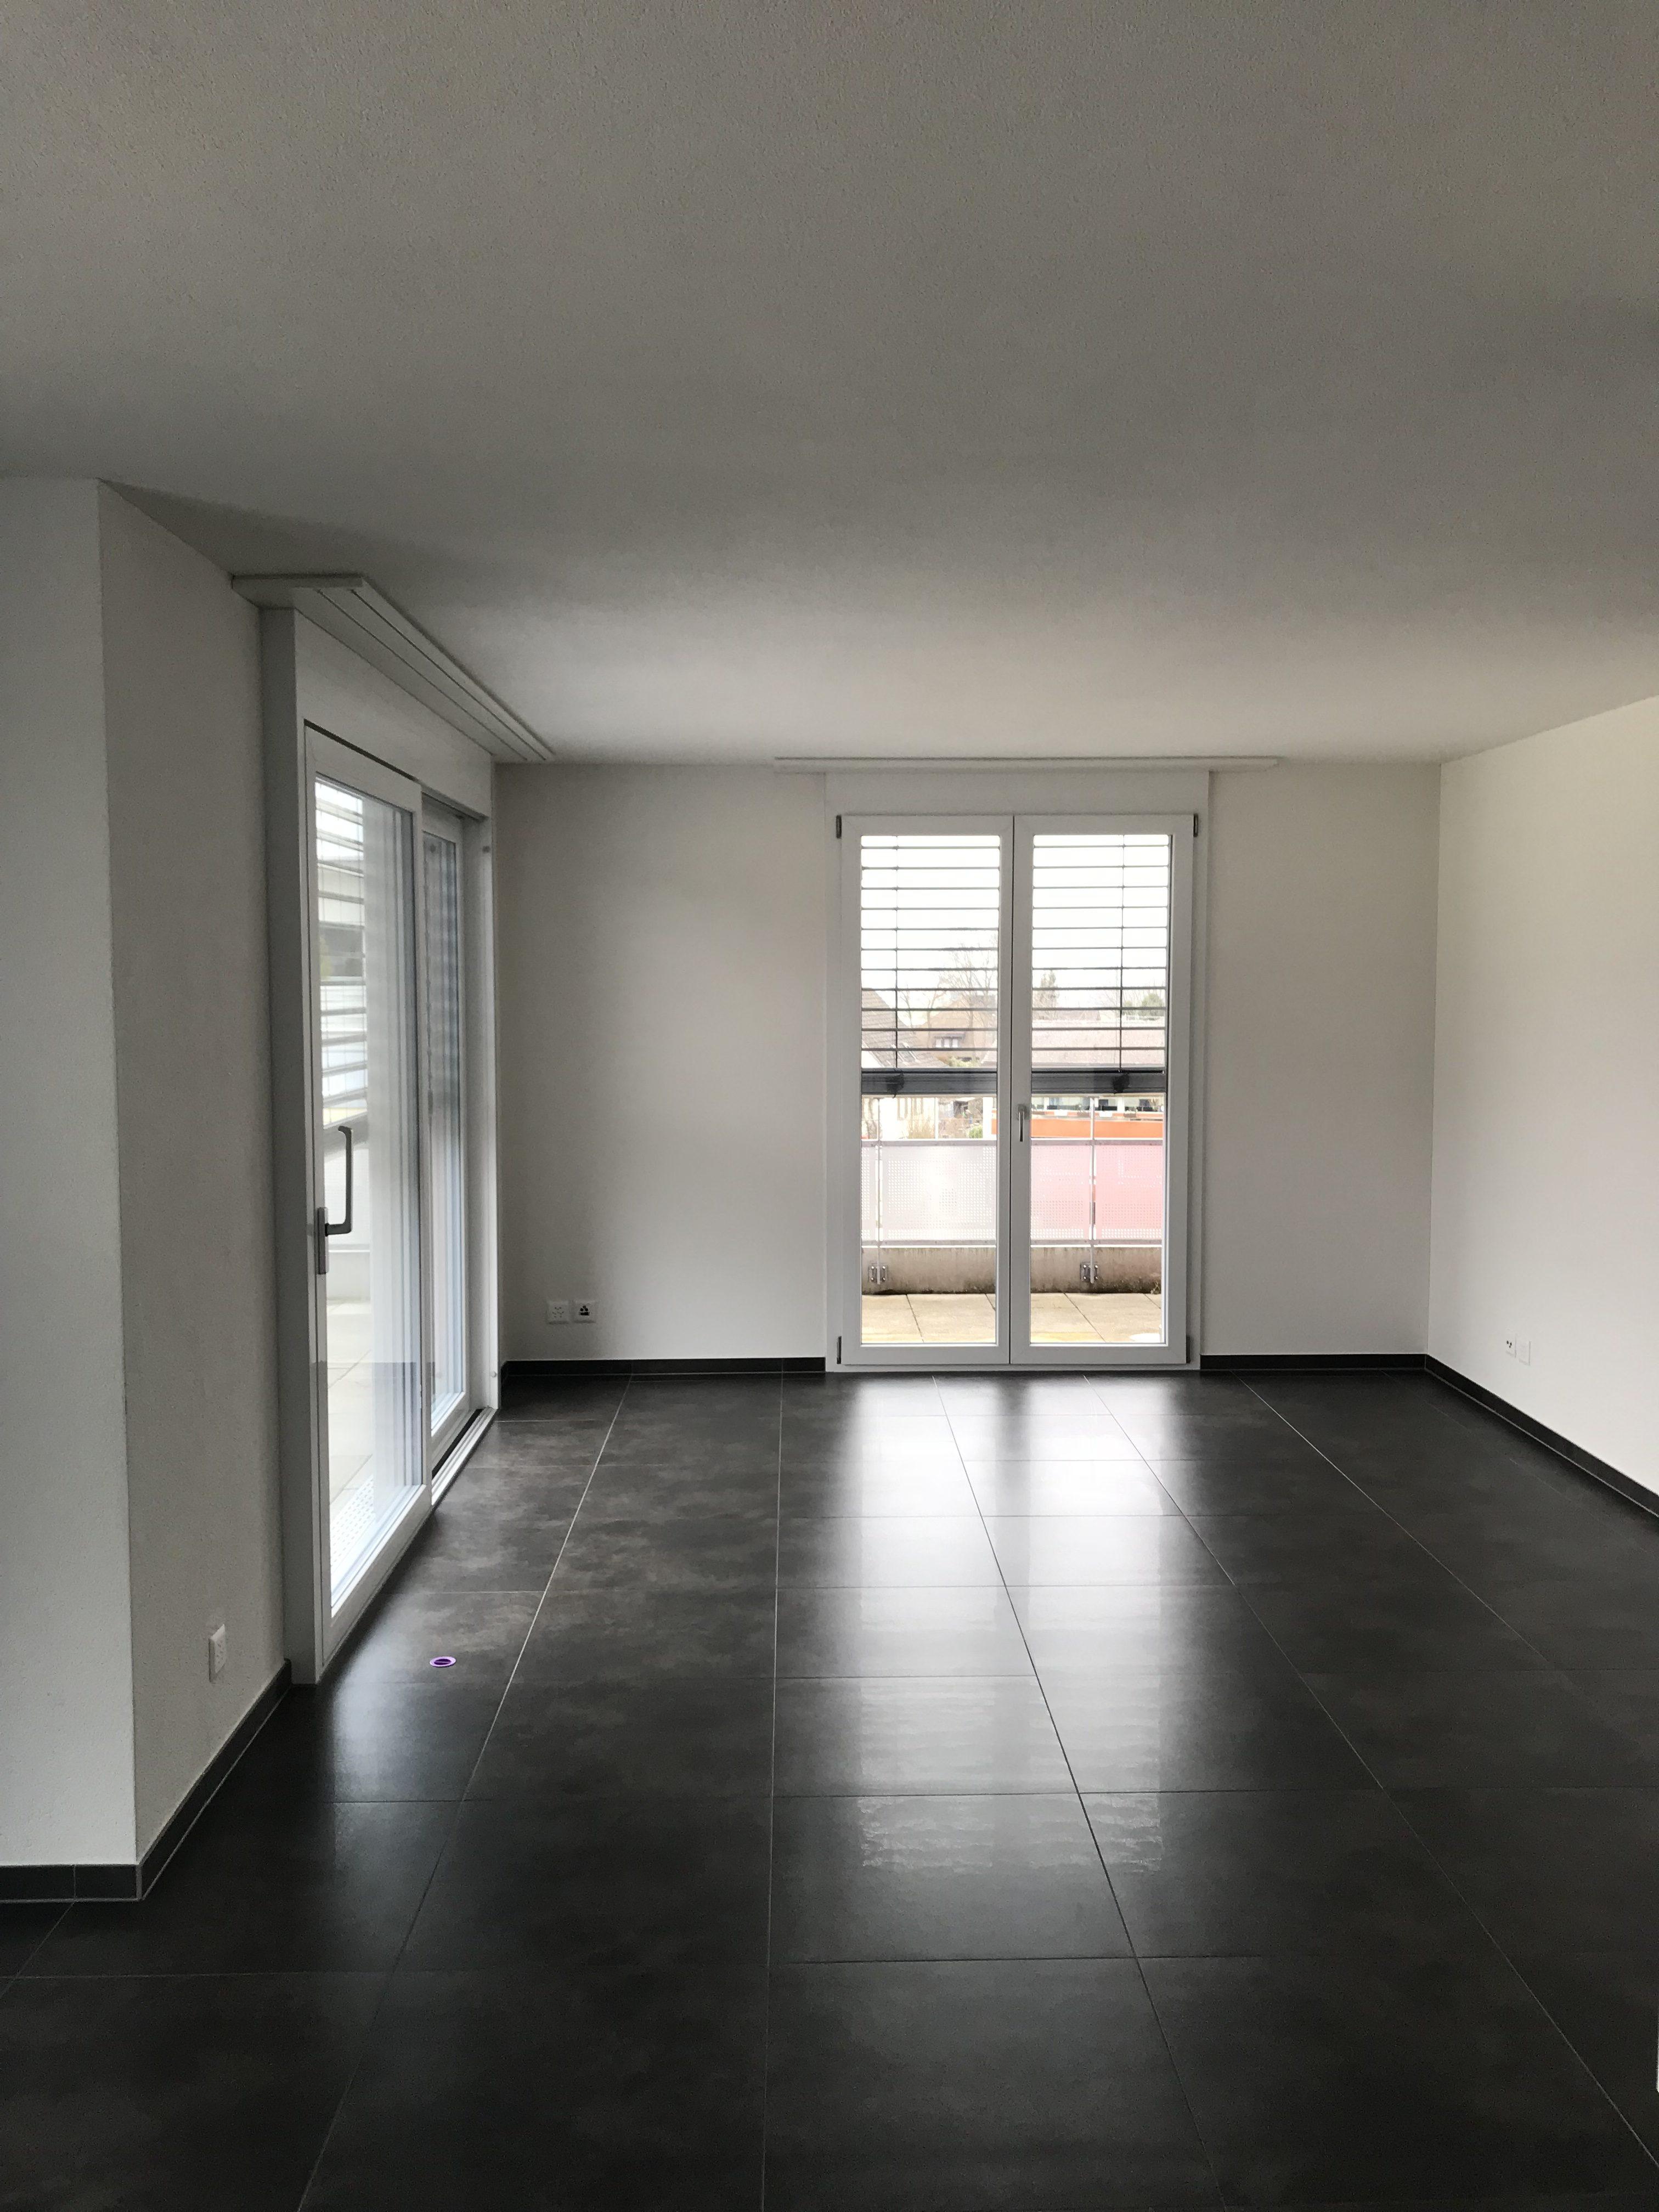 Wohnung 10, Attika, Kornweg